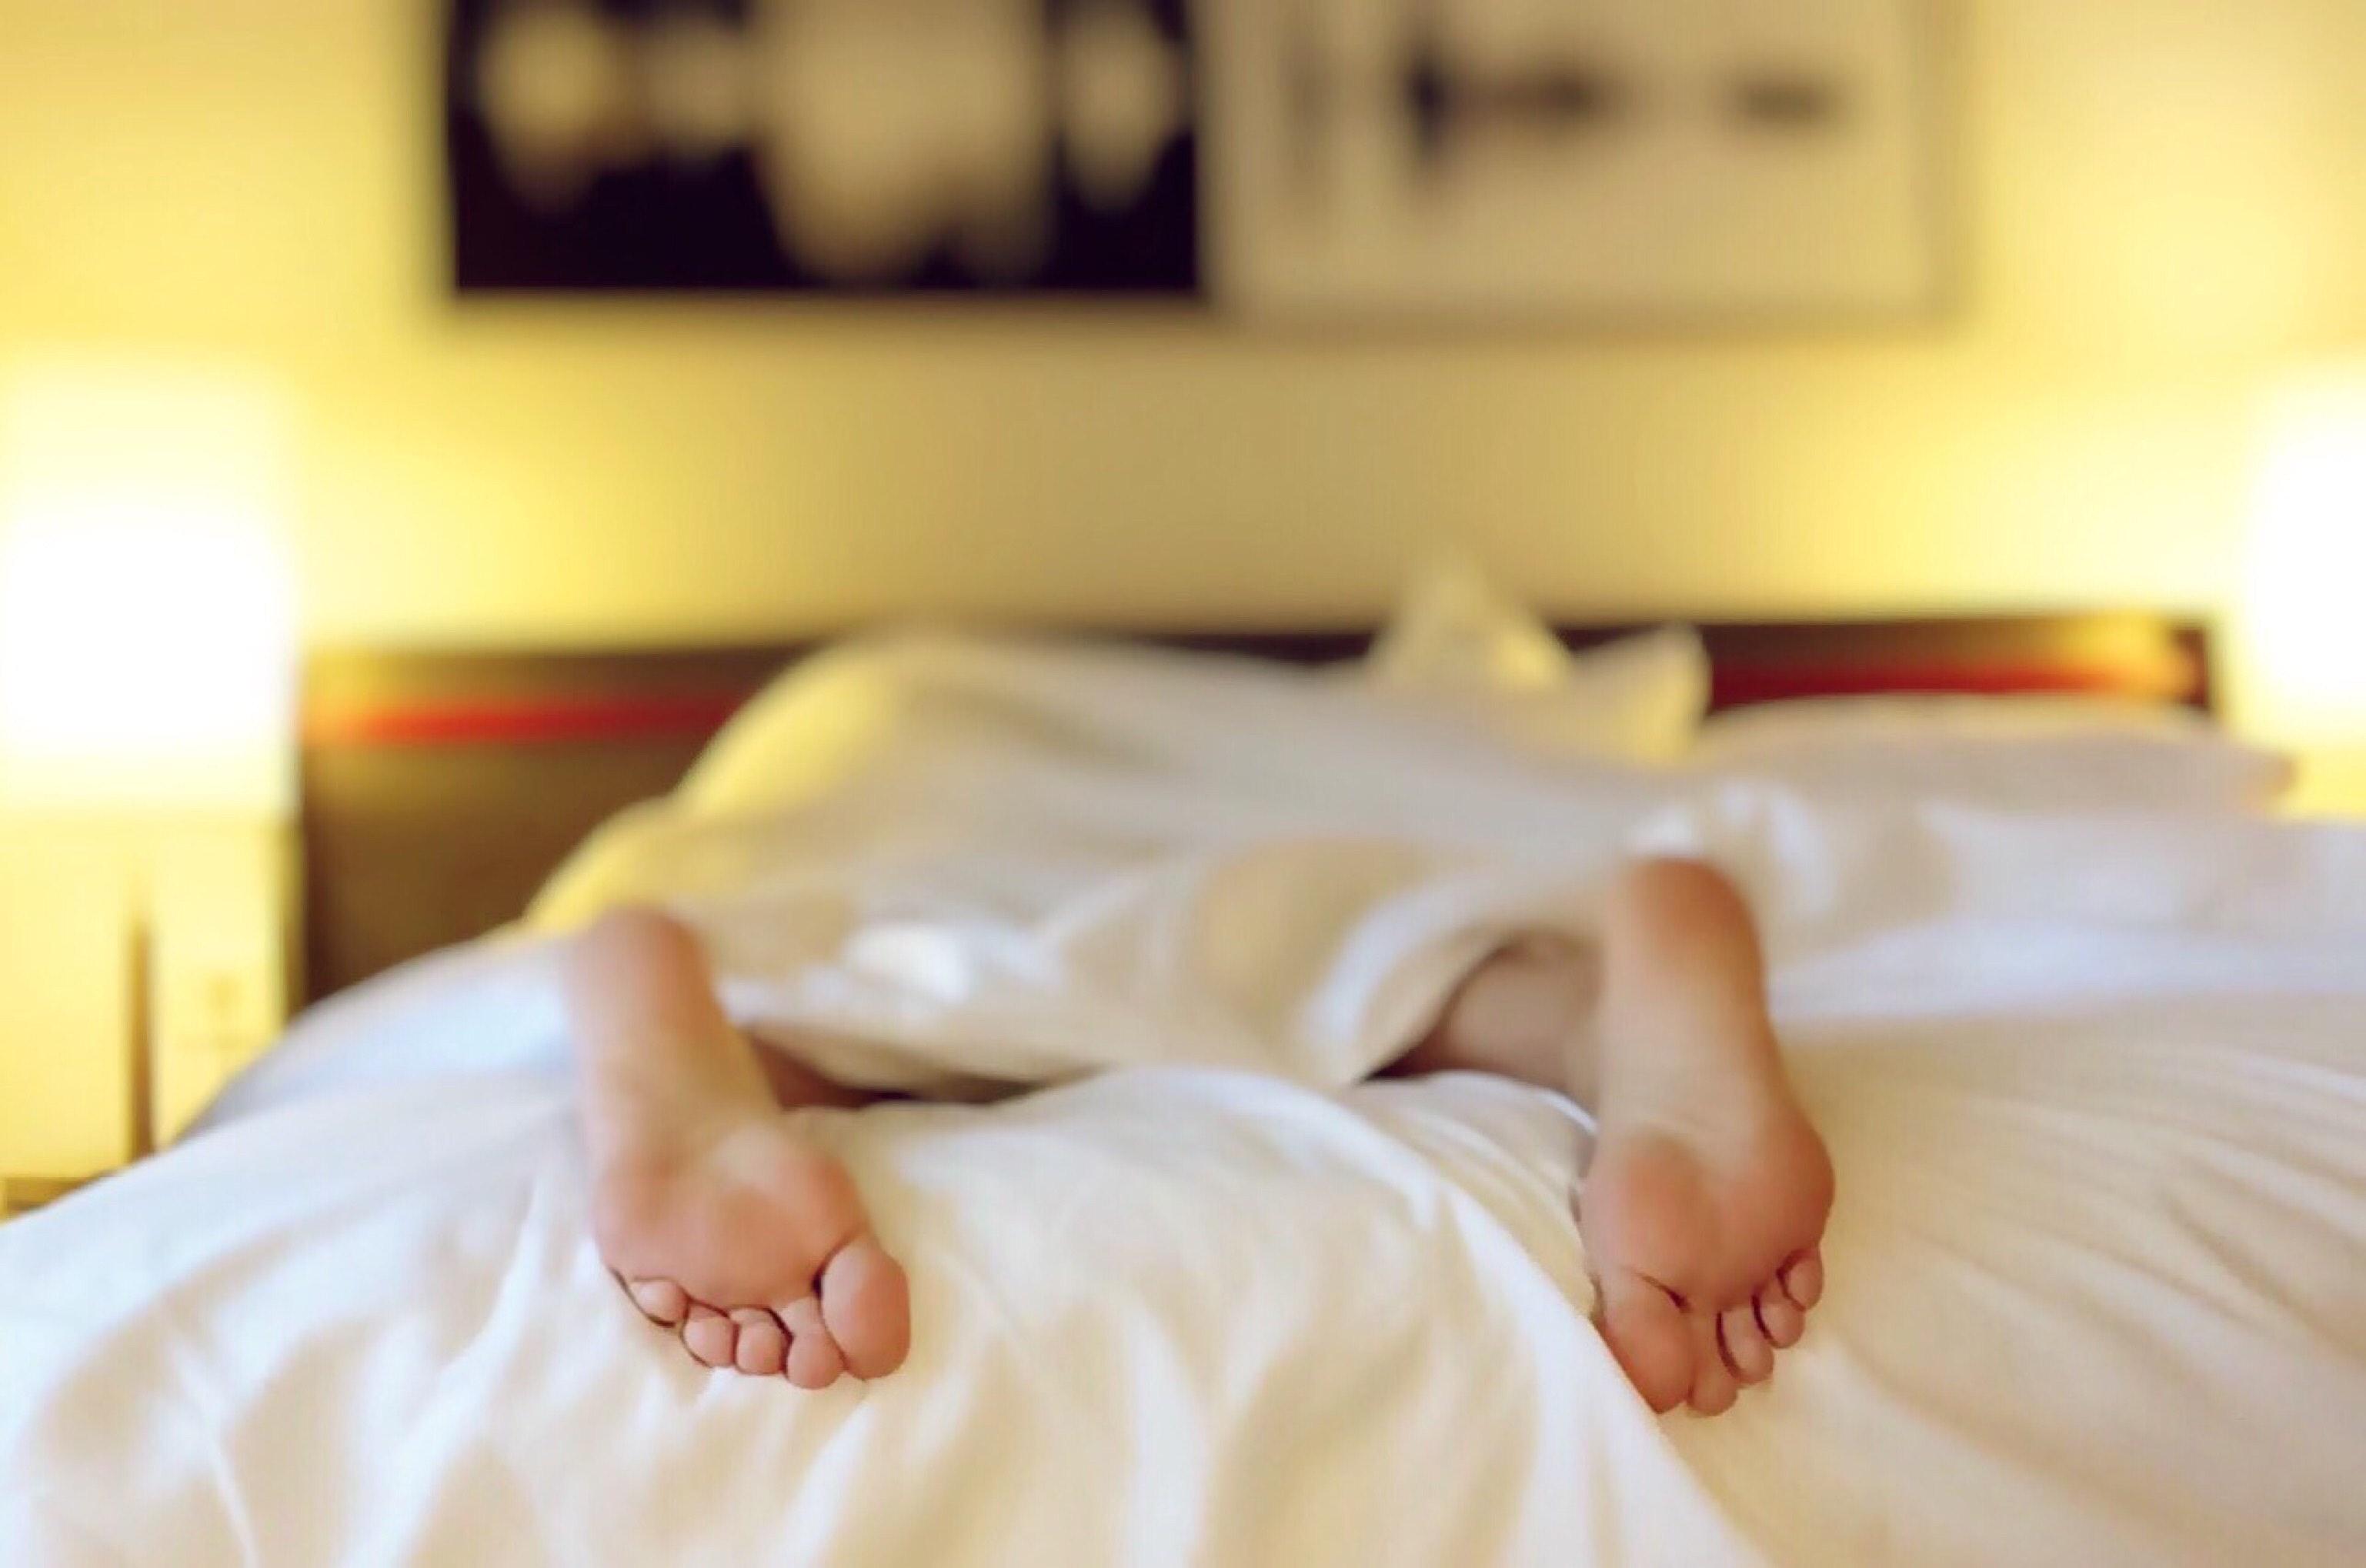 La Sociedad Española del Sueño advierte del impacto en la salud del insomnio.